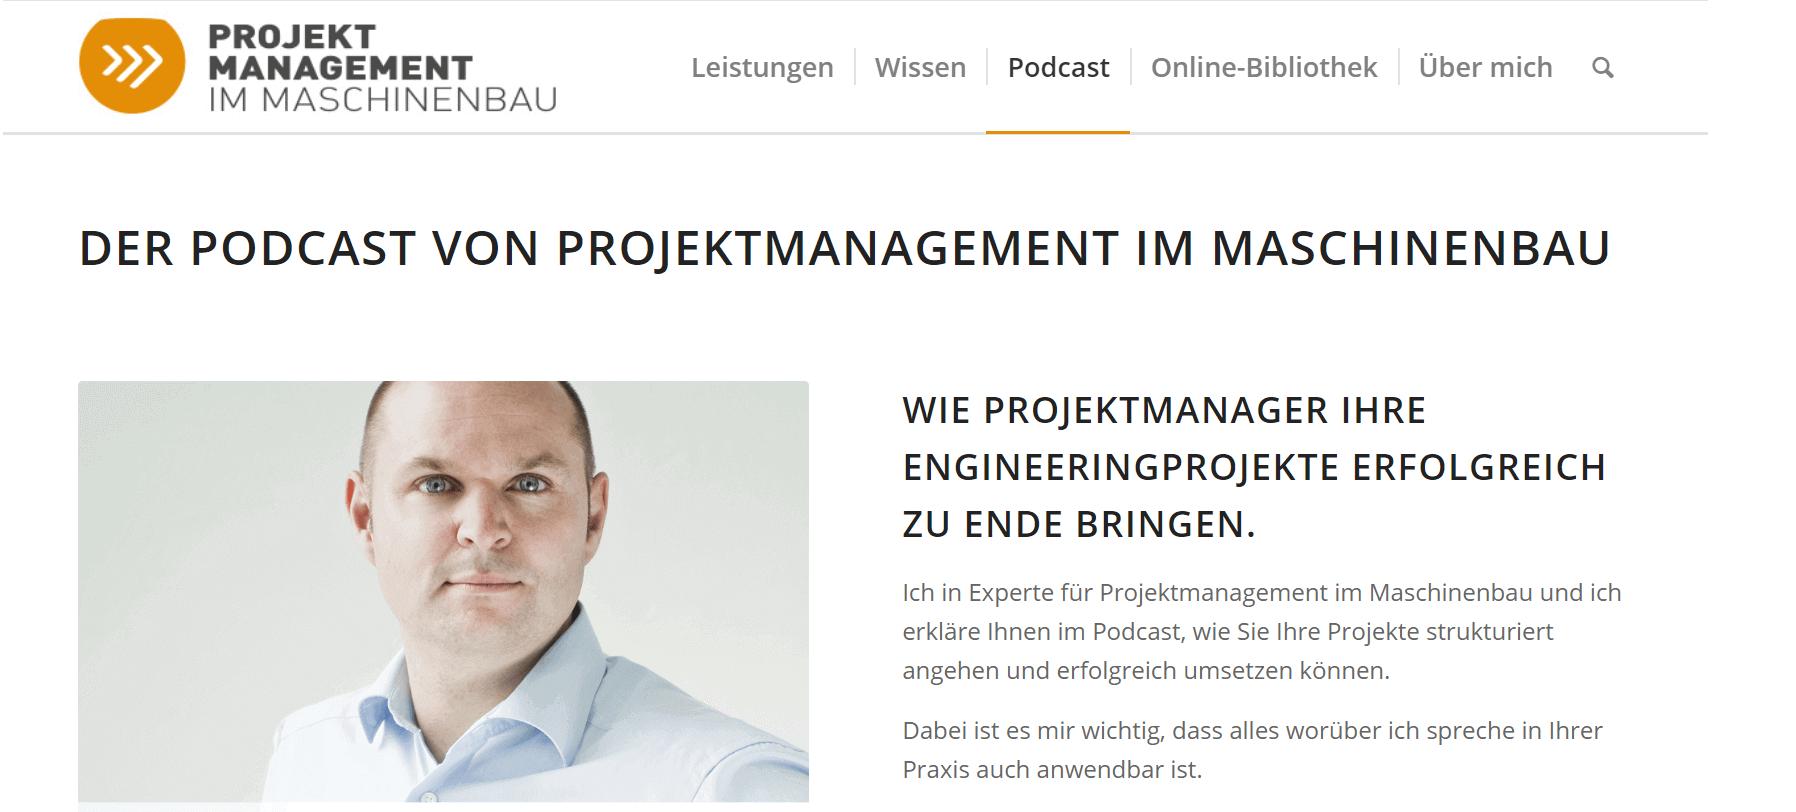 Projektmanagement-Podcasts Projektmanagement im Maschinenbau